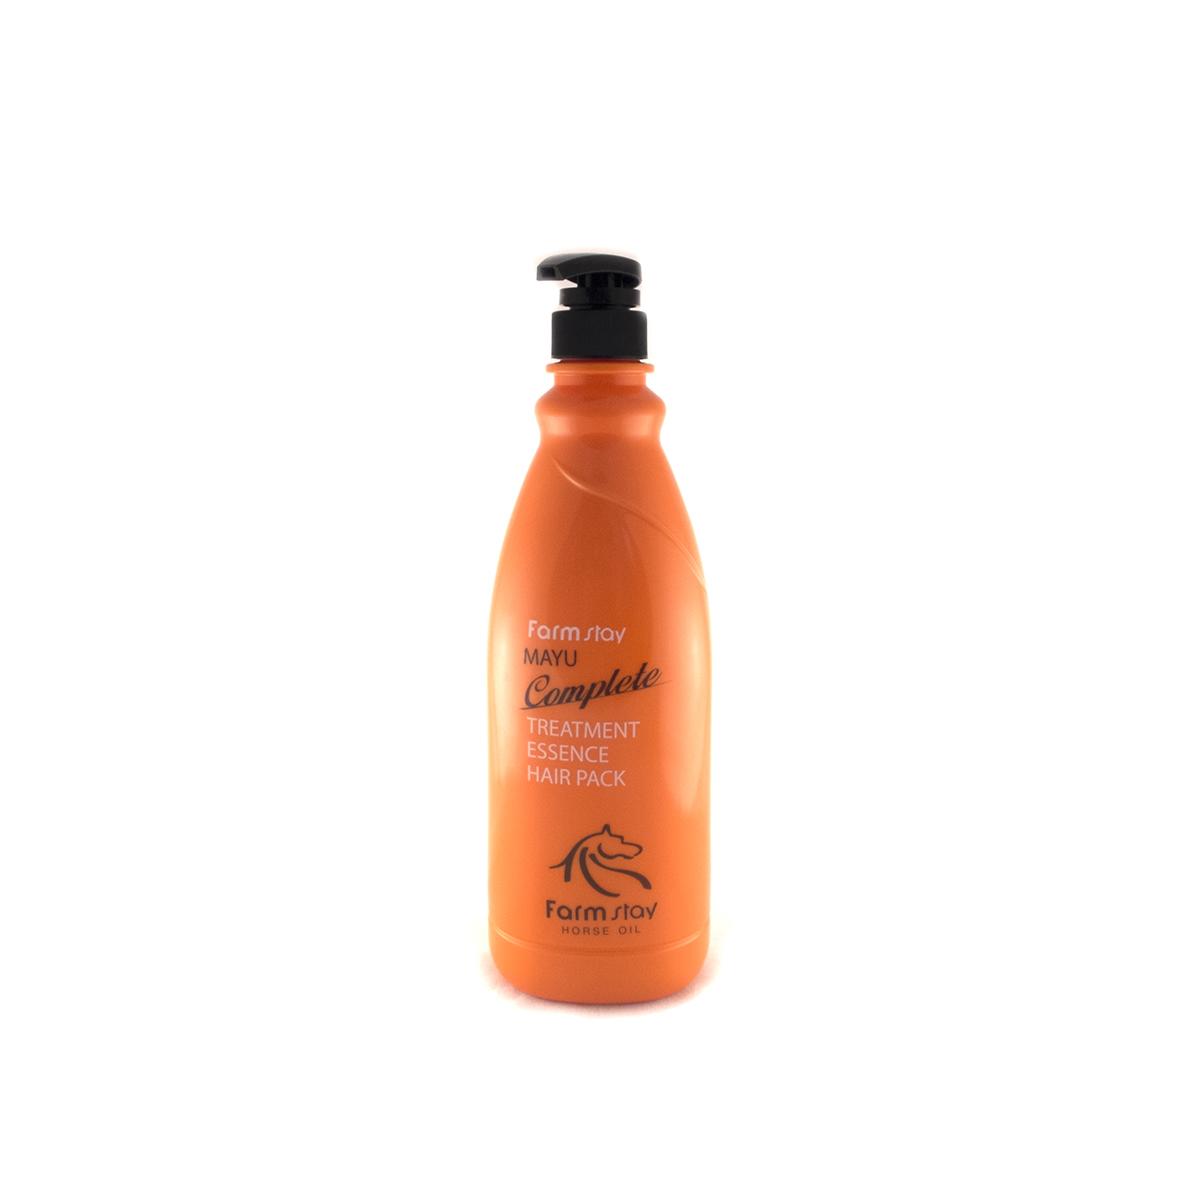 FarmStay Пительная маска для волос с лошадиным маслом, 1000 мл72523WDМаска - тритмент для волос с концентрированной ессенцией с лошадиным маслом предназначена специально для улучшения состояний безжизненных, тусклых волос. Маска питает и восстанавливает слабые волосы, делает их сильными, крепкими, гладкими и шелковистыми. Питательные вещества в составе маски смягчают и увлажняют волосы, а особая разглаживающая формула значительно облегчает расчесывание, лечит секущиеся кончики, не позволяет волосам спутываться. Животный жир богат незаменимыми жирными кислотами (например, в нем содержится альфа-липоевая и линолевая кислоты, а также витамин А и Е). Лошадиное масло особенно ценится тем, что он лучше других жиров усваивается волосами, так как имеет состав, схожий с человеческой жировой секрецией. Именно поэтому данное вещество не отторгается организмом. Уже после первого применения вы заметите, что волосы заблестели, стали более здоровыми, упругими и живыми.